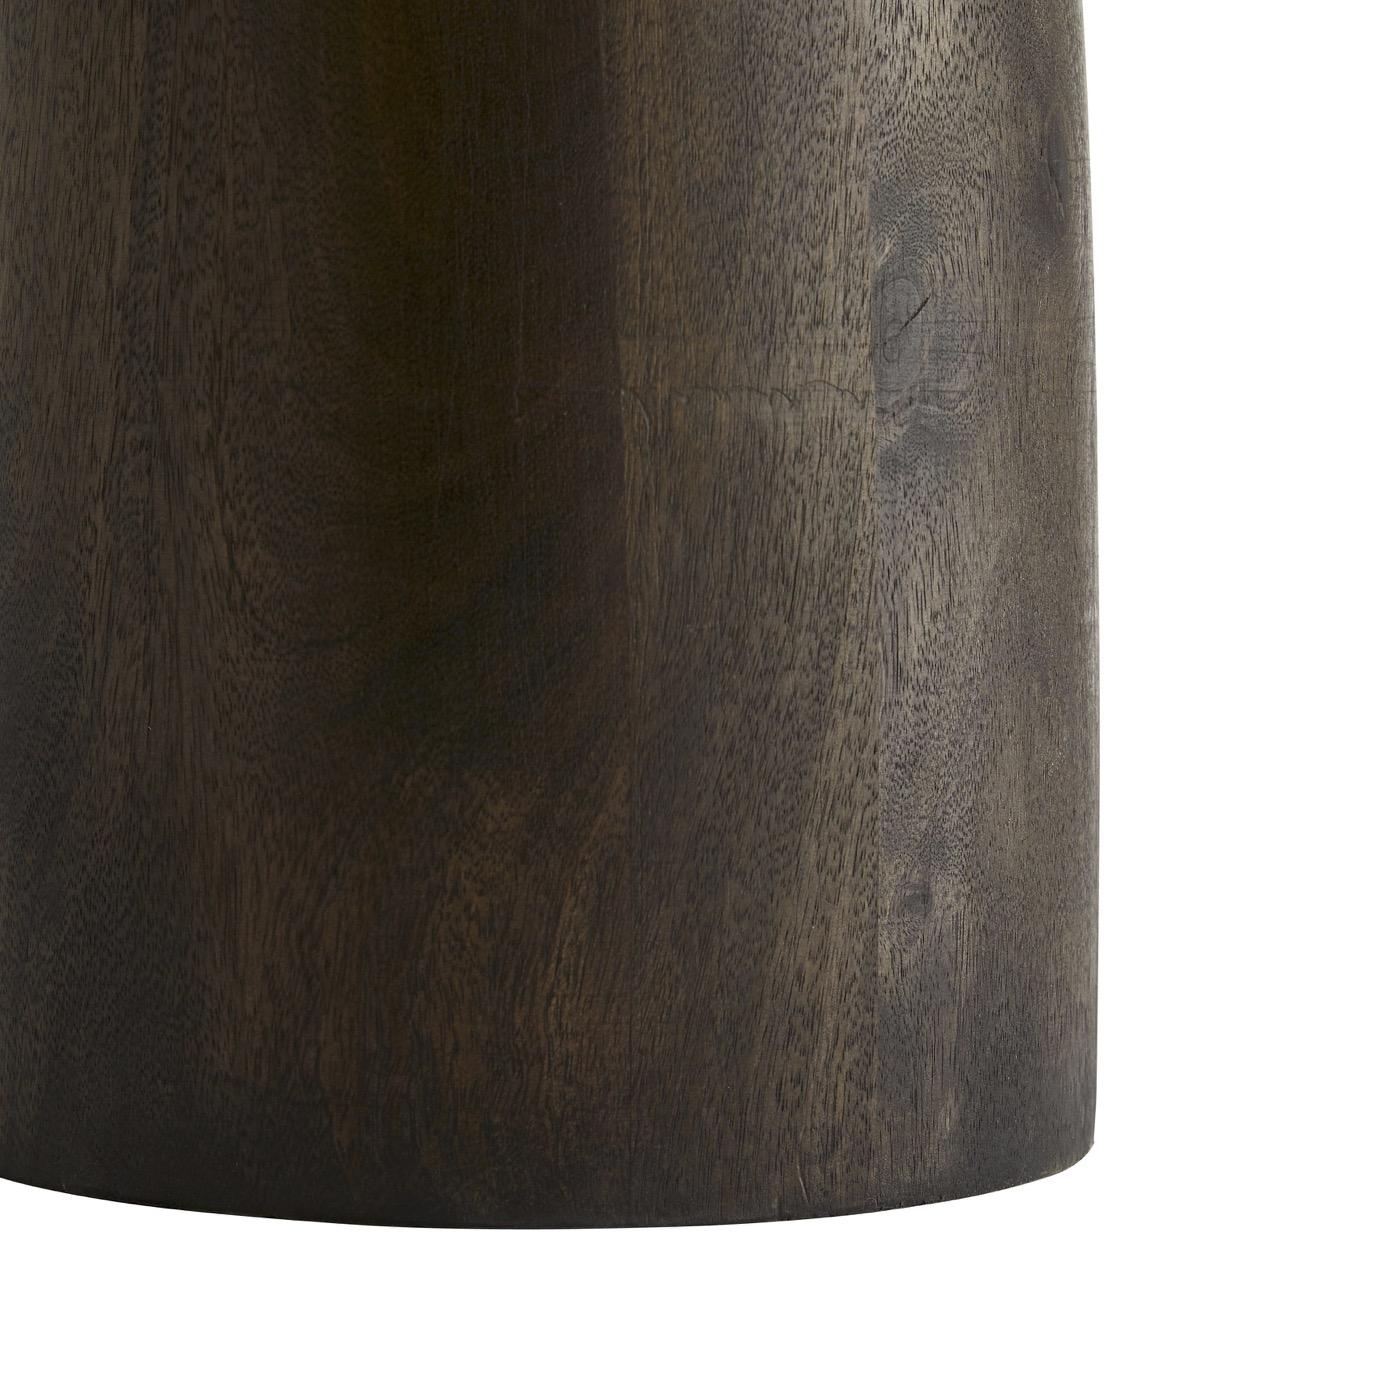 Curtis Wood Floor Lamp